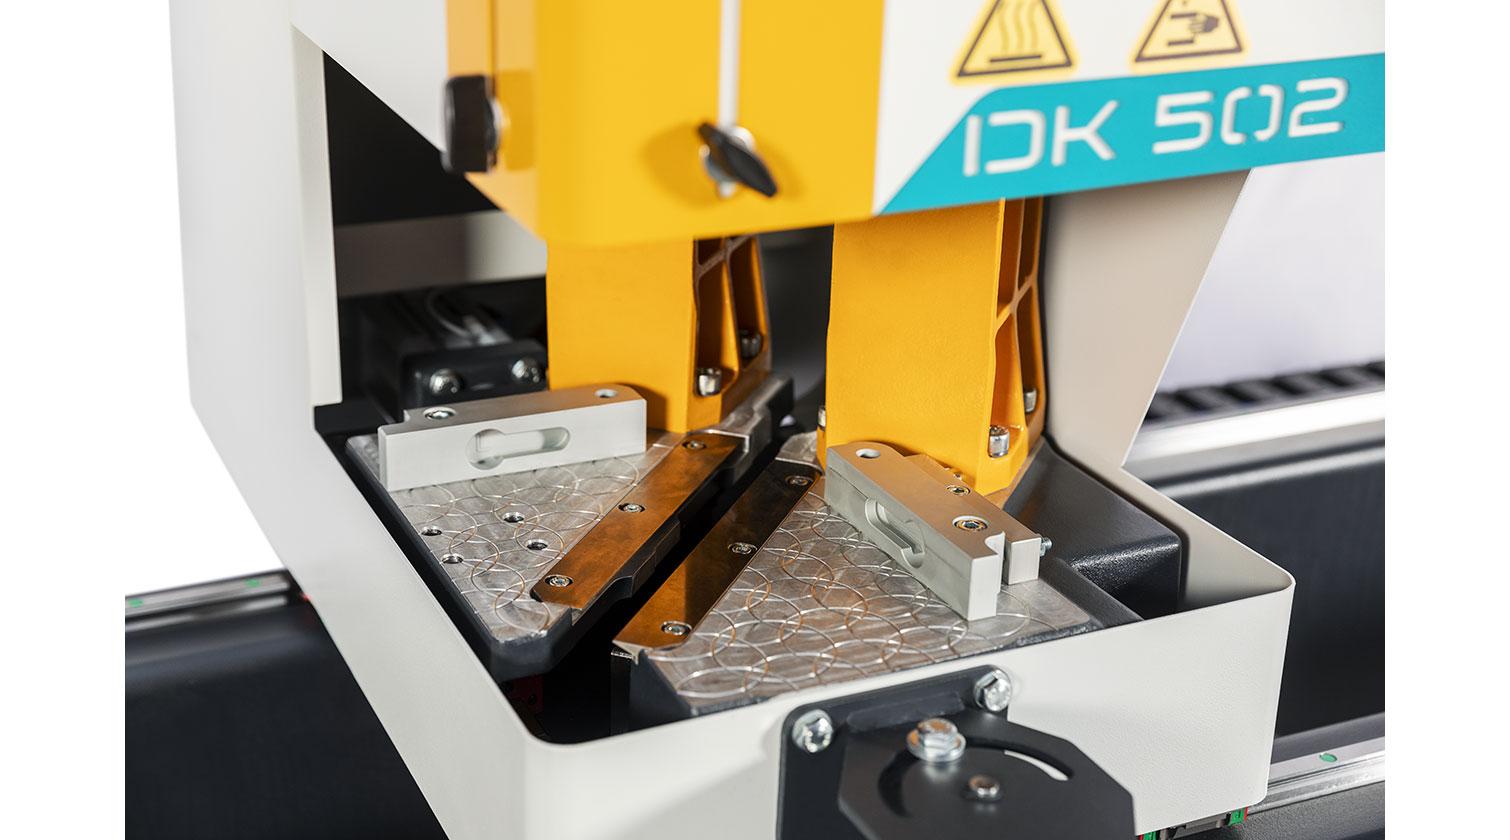 INT pvc windows two point welder Yilmaz DK 502 welding head detail